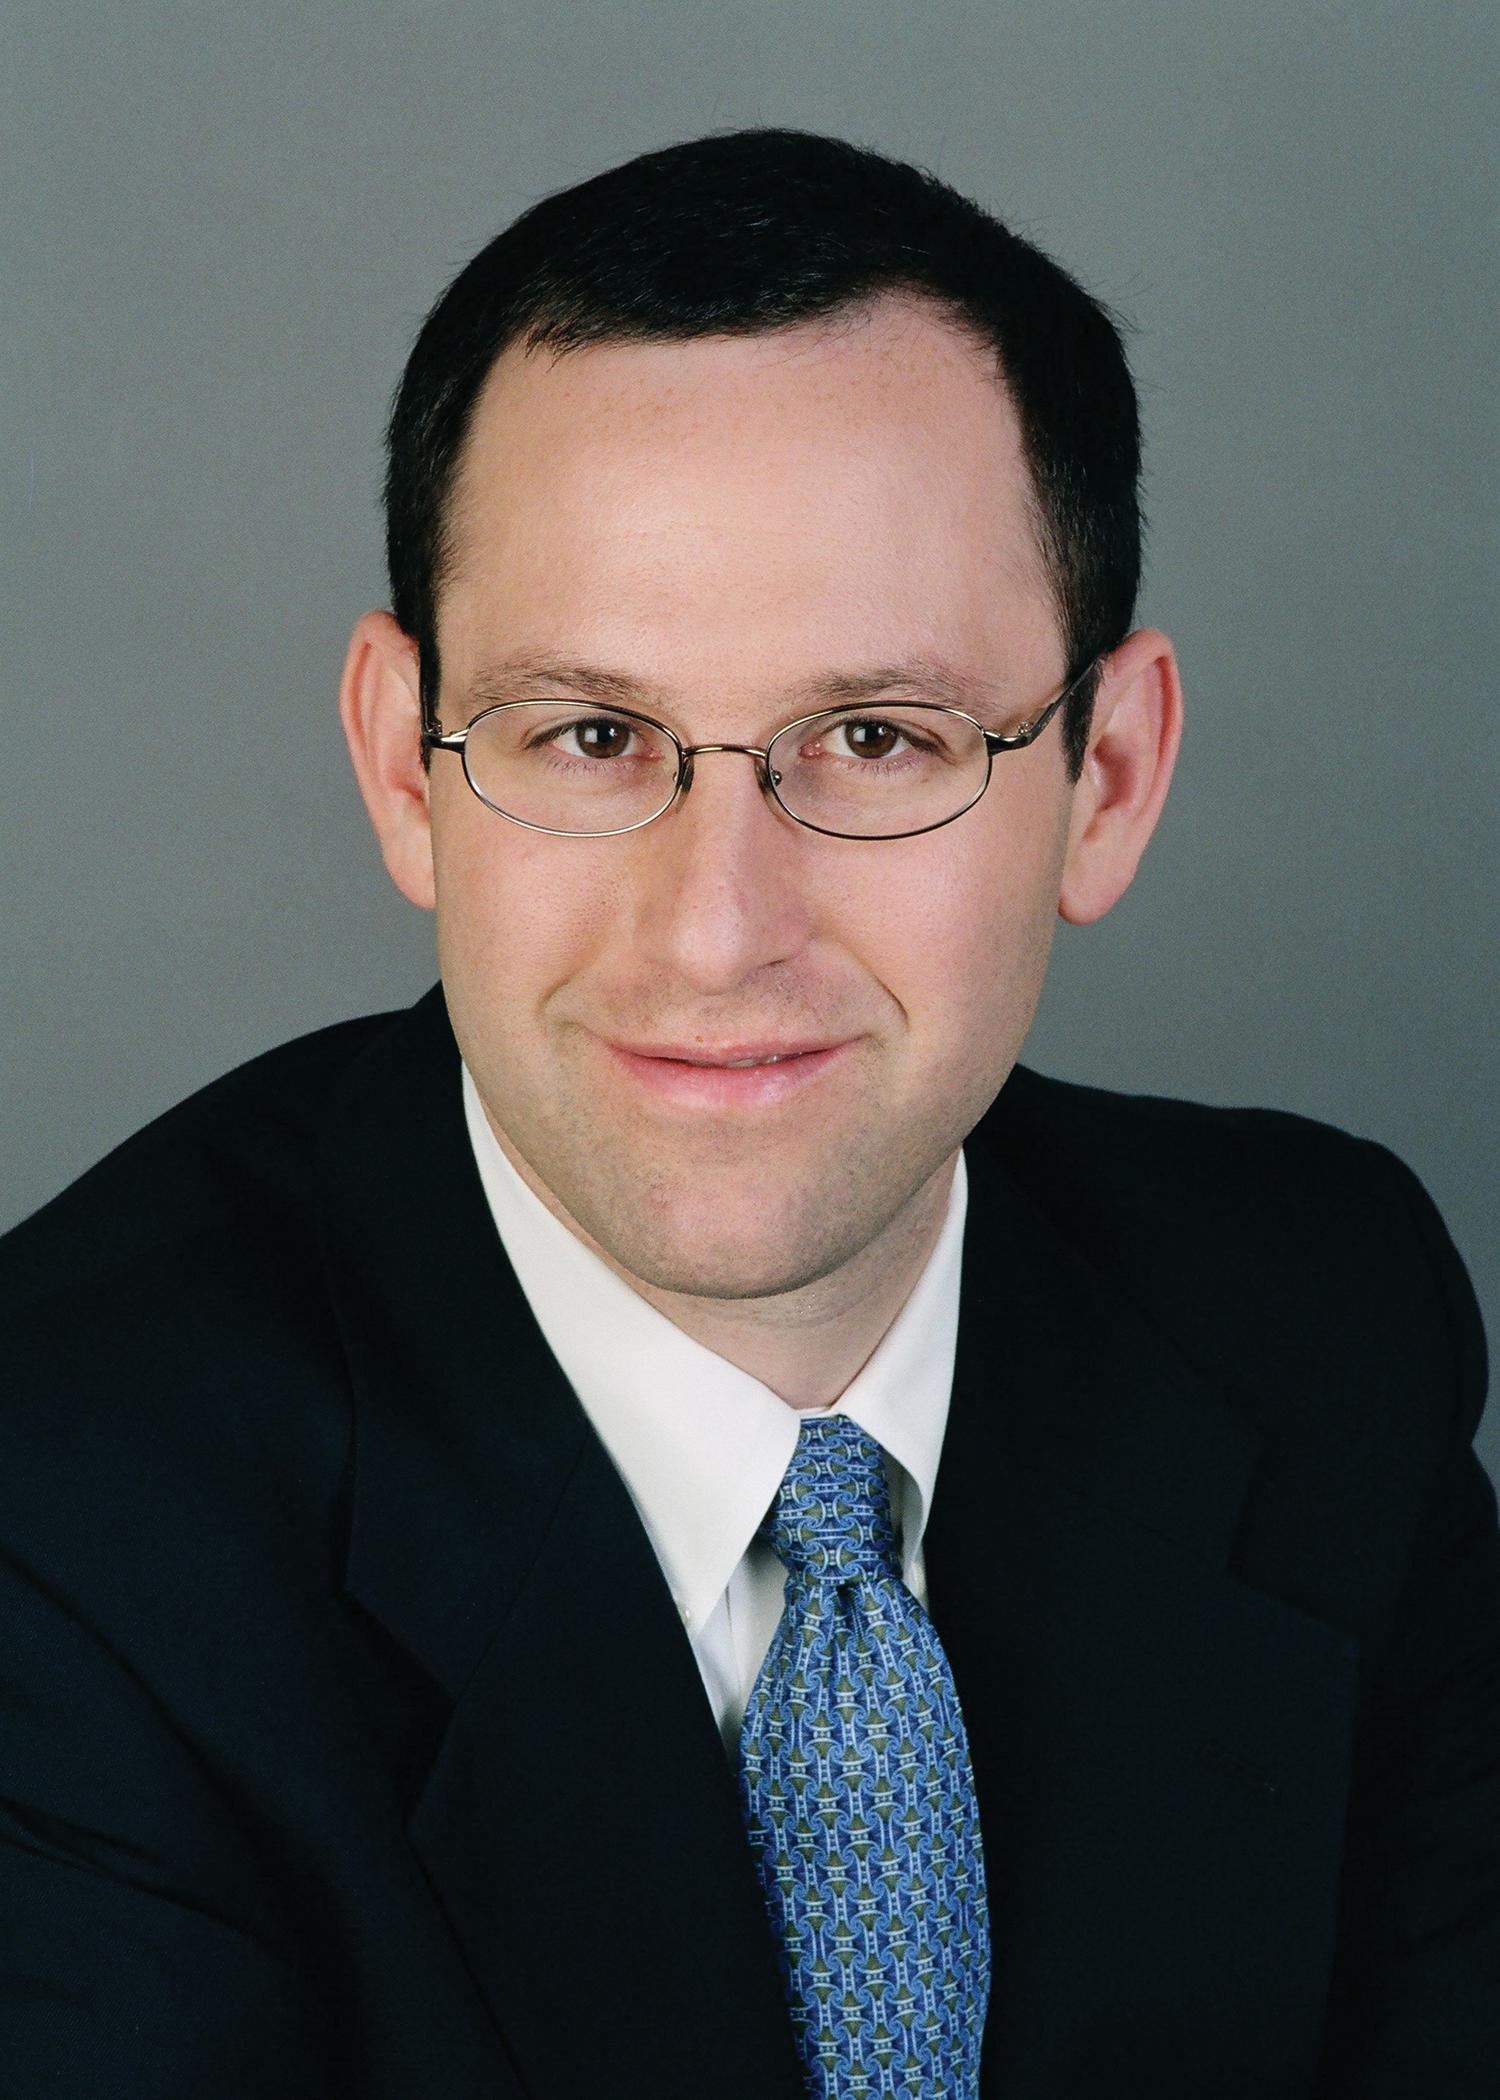 Laurence Rosenberg, M.D.